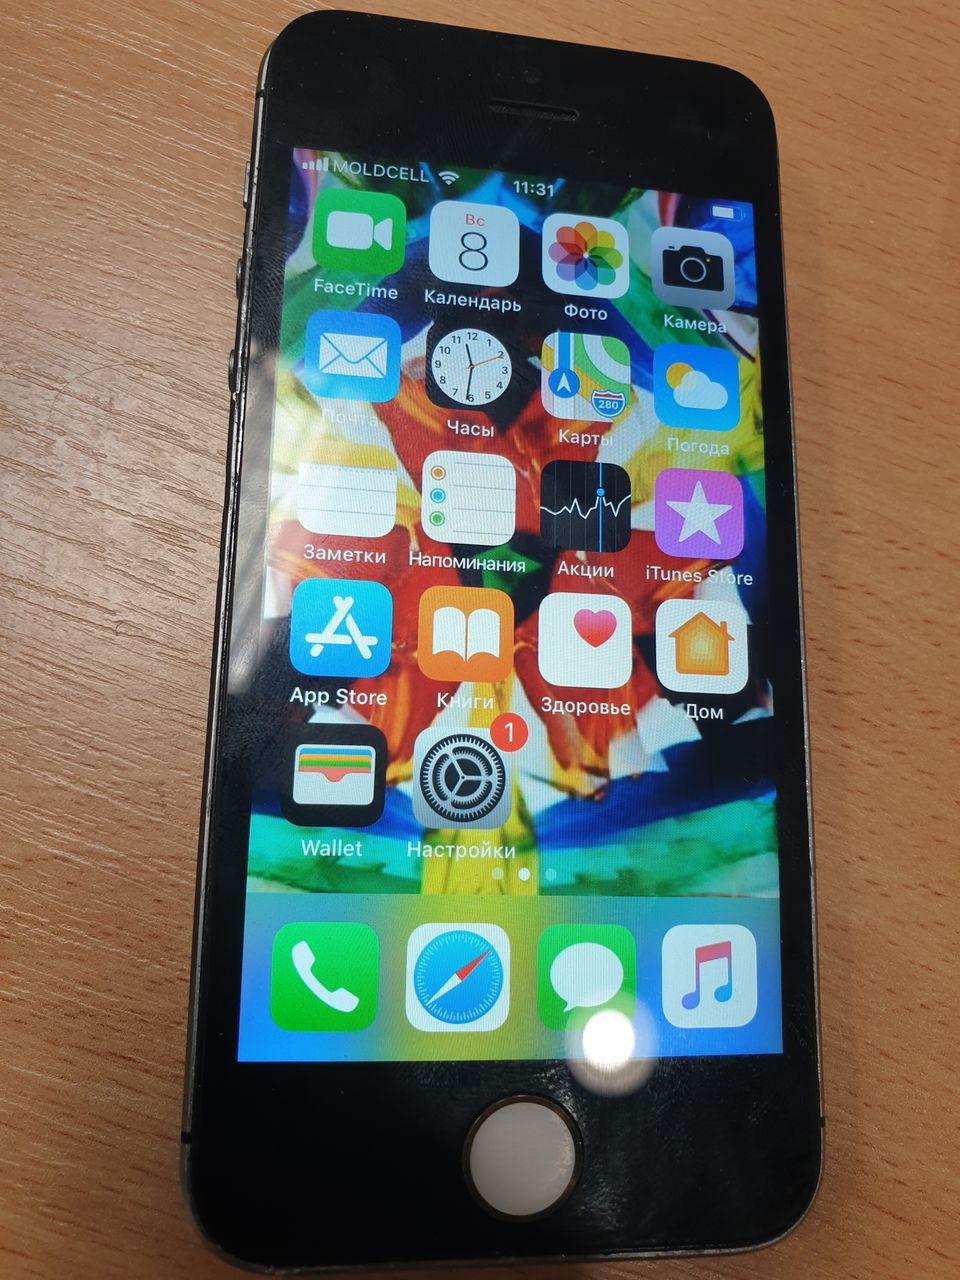 iphone 5S 16 gb/.900 lei